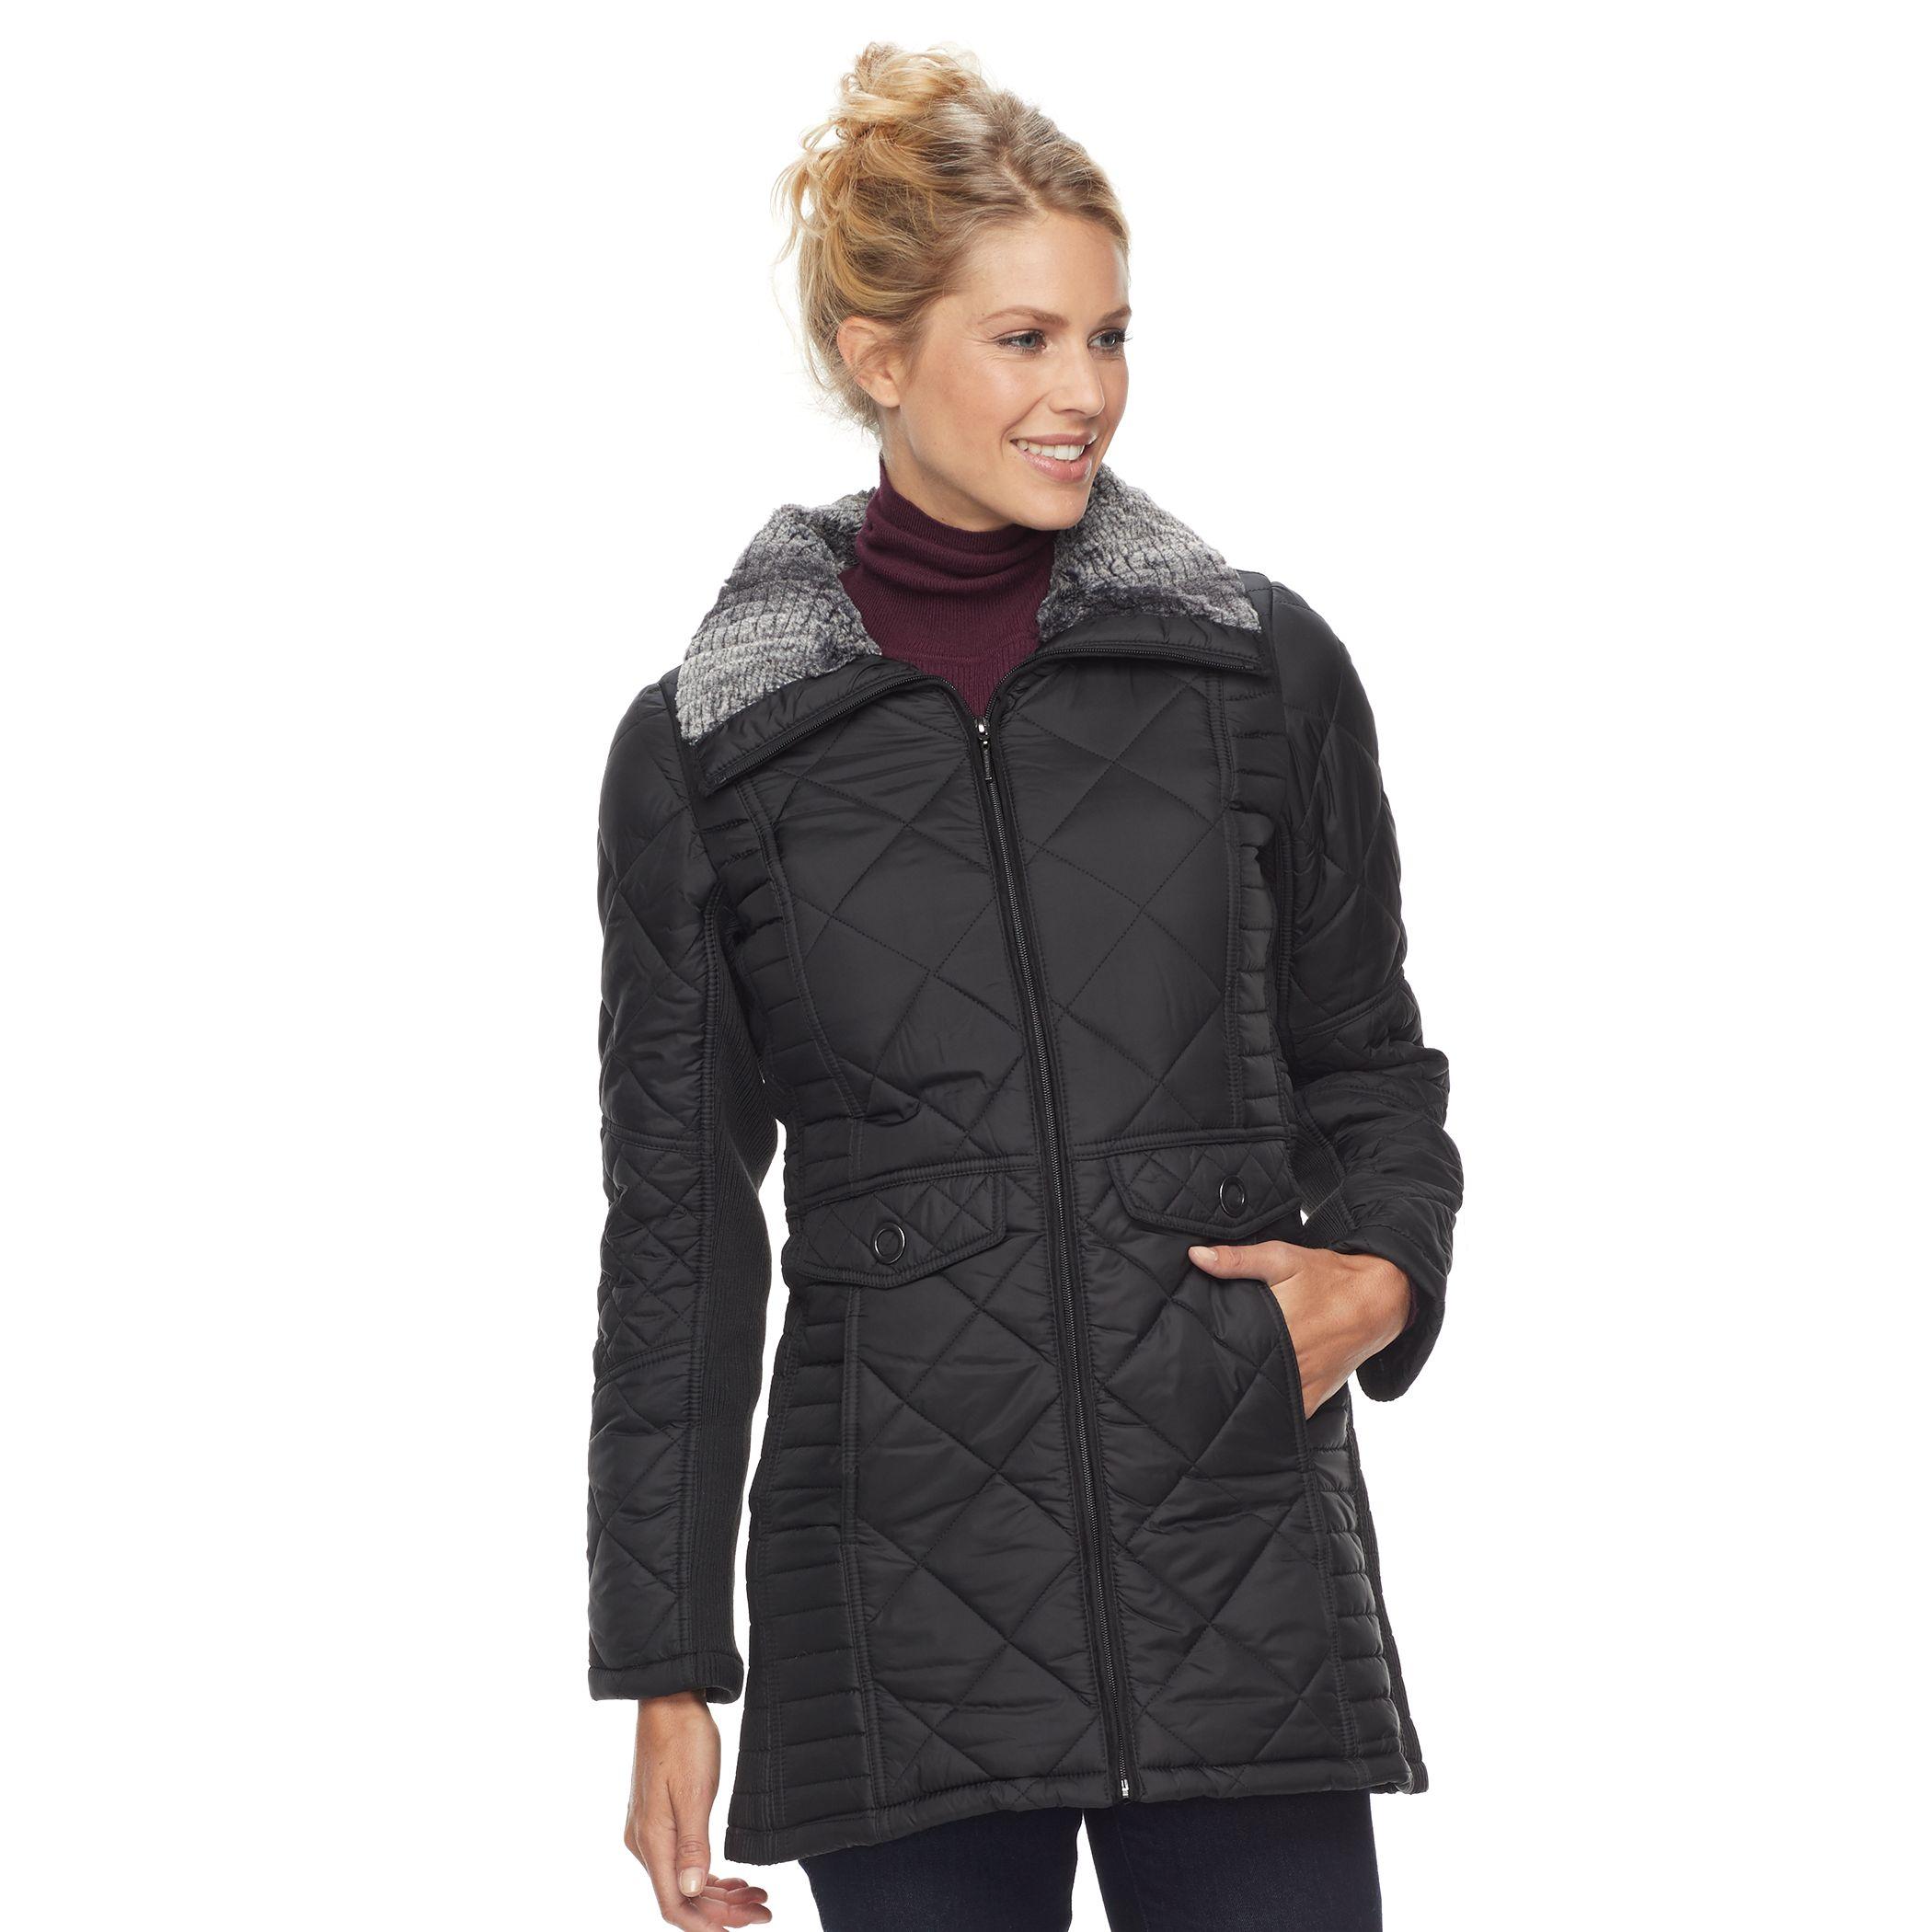 Womens winter jacket kohls